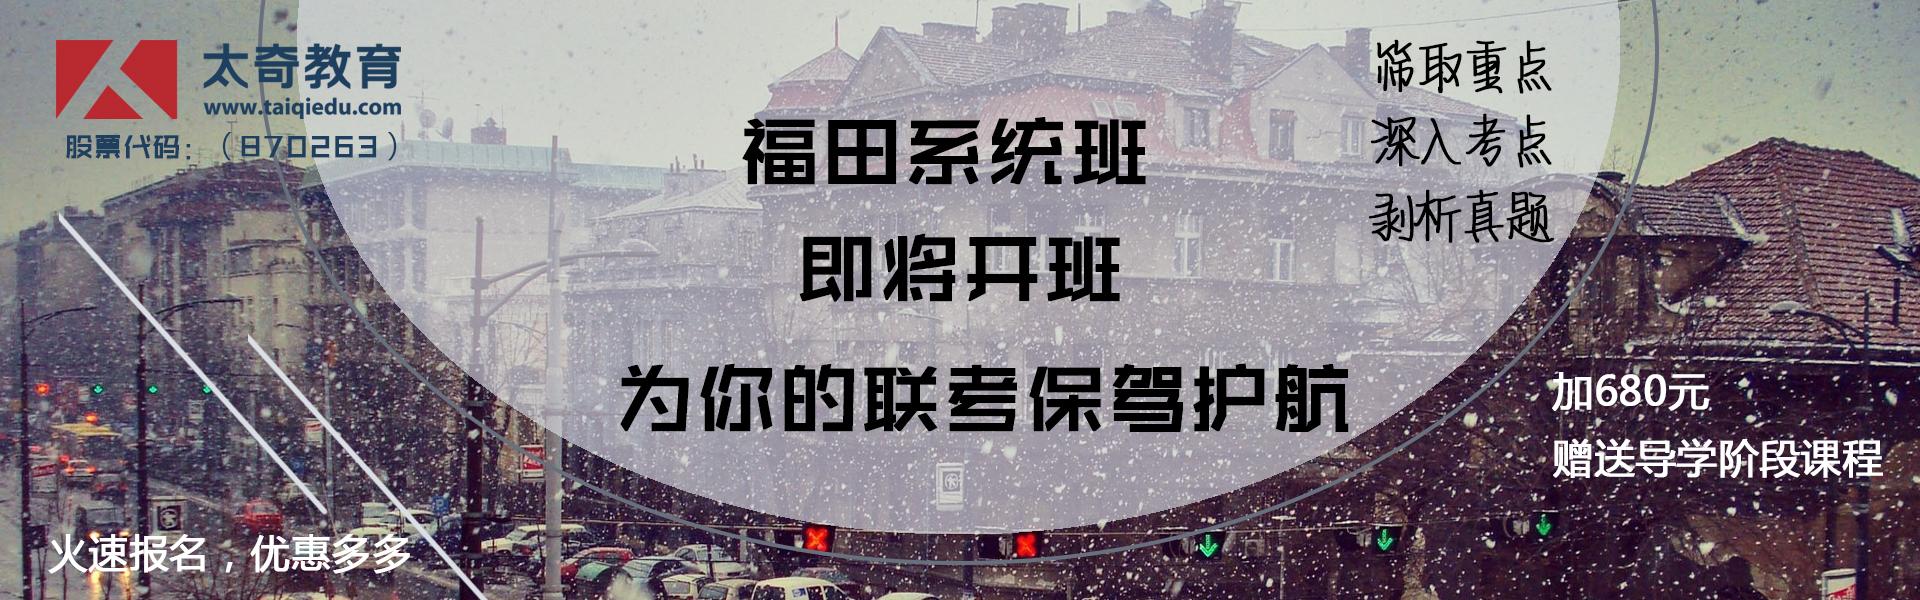 福田系统班